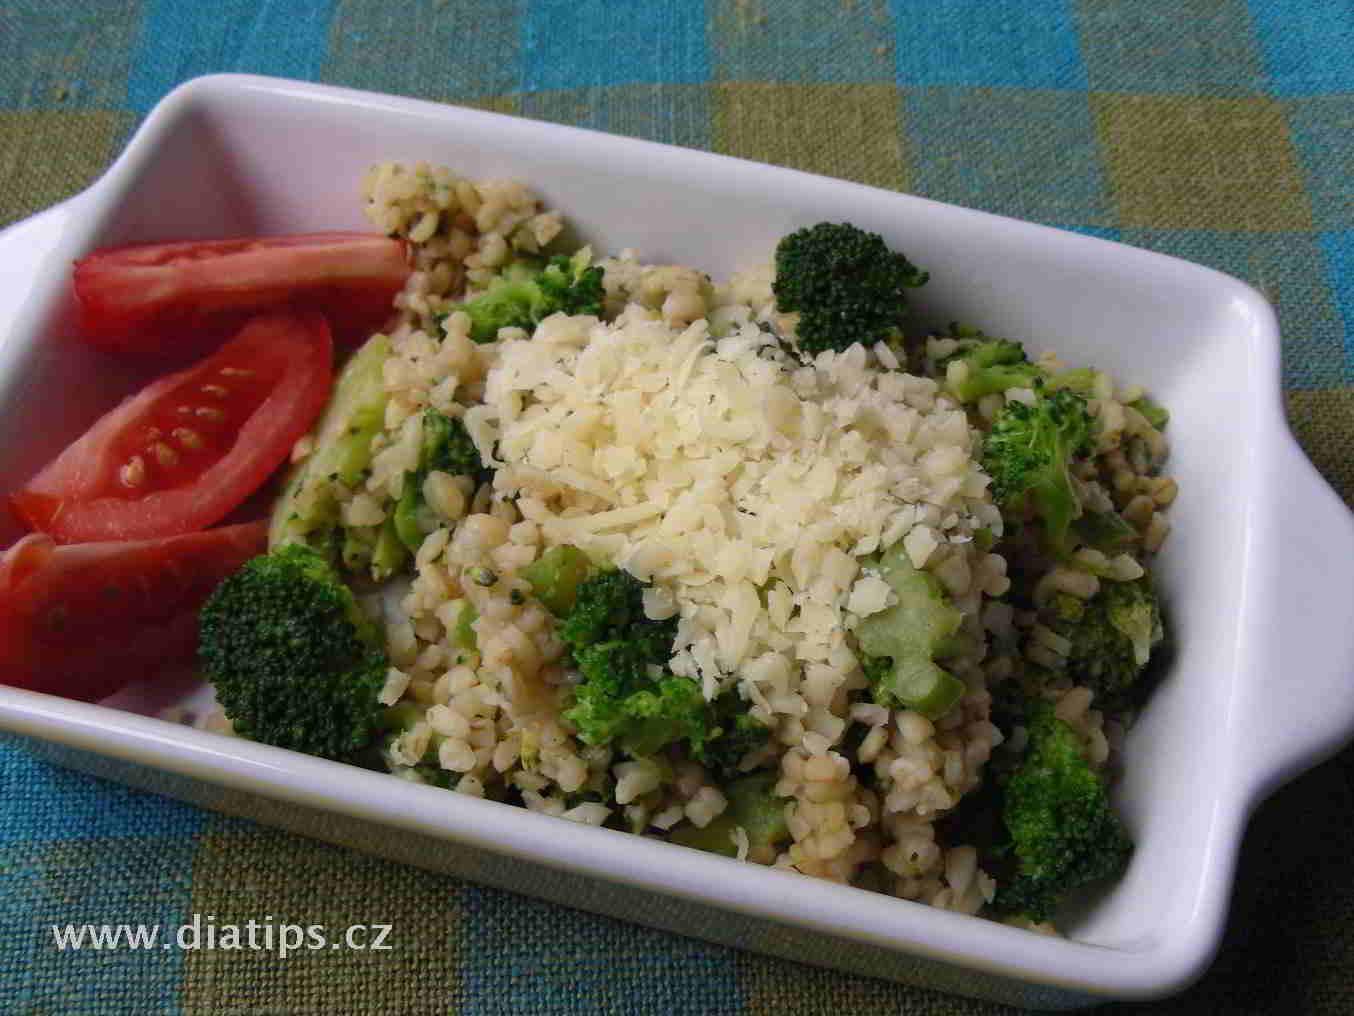 brokolicový salát naservírovaný v misce a doplněný půlkou rajčete